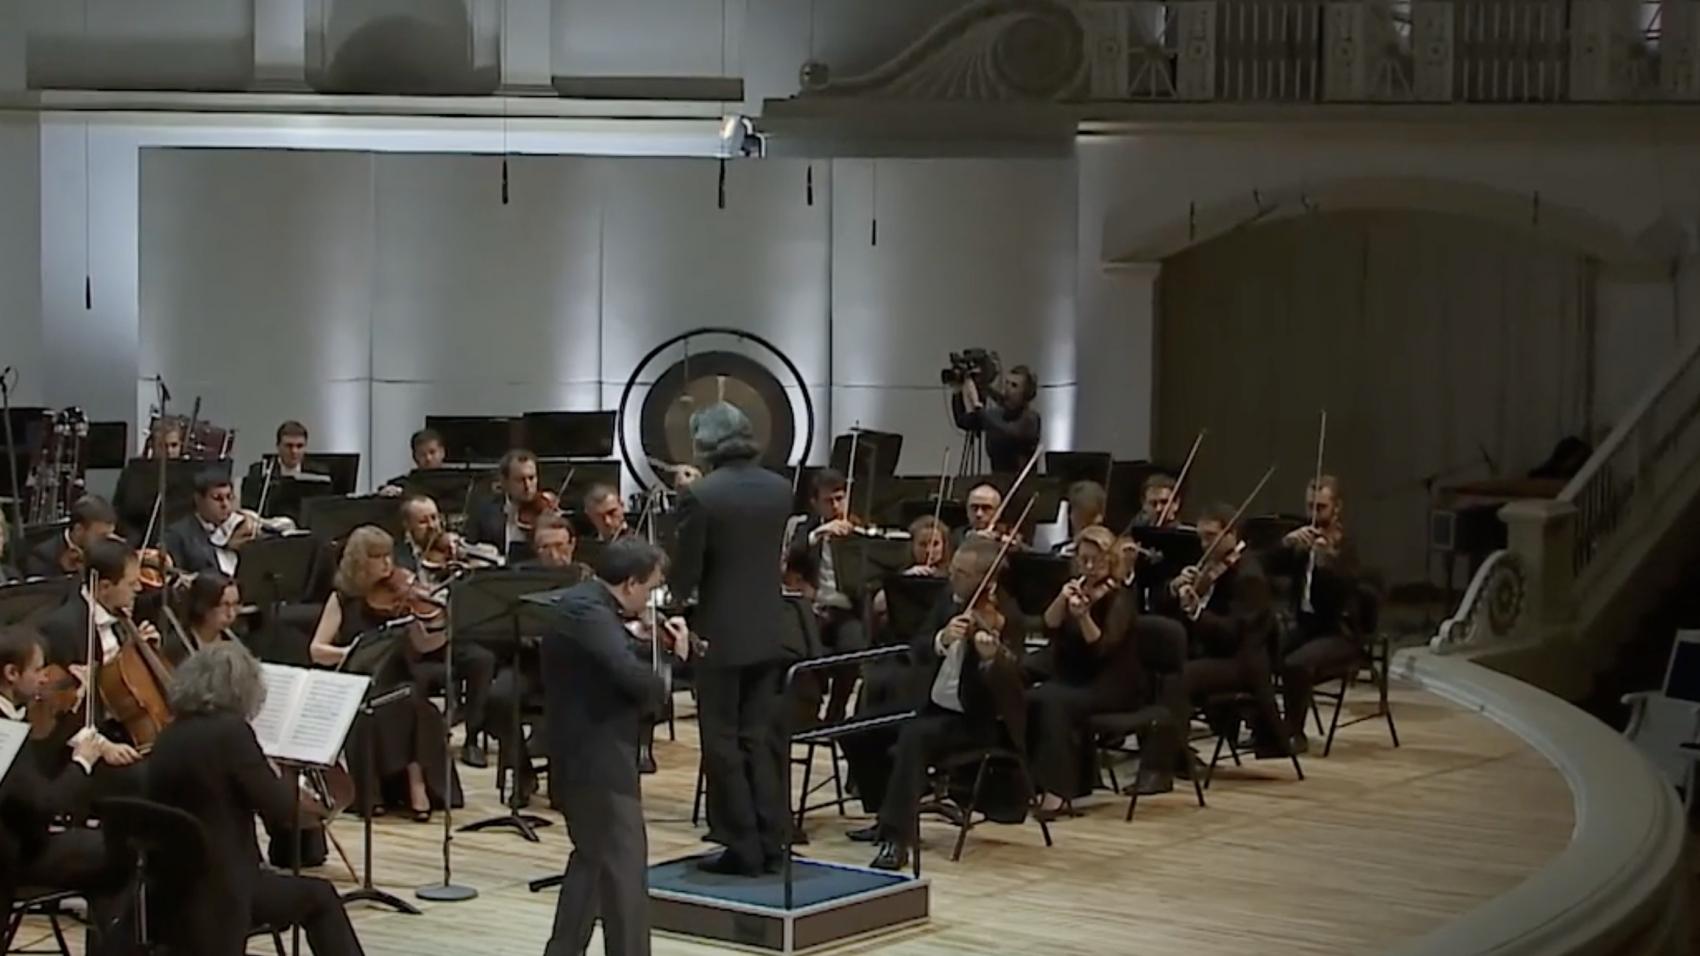 State Academic V. Yurovsky, Symphony Orchestra E. Svetlanov